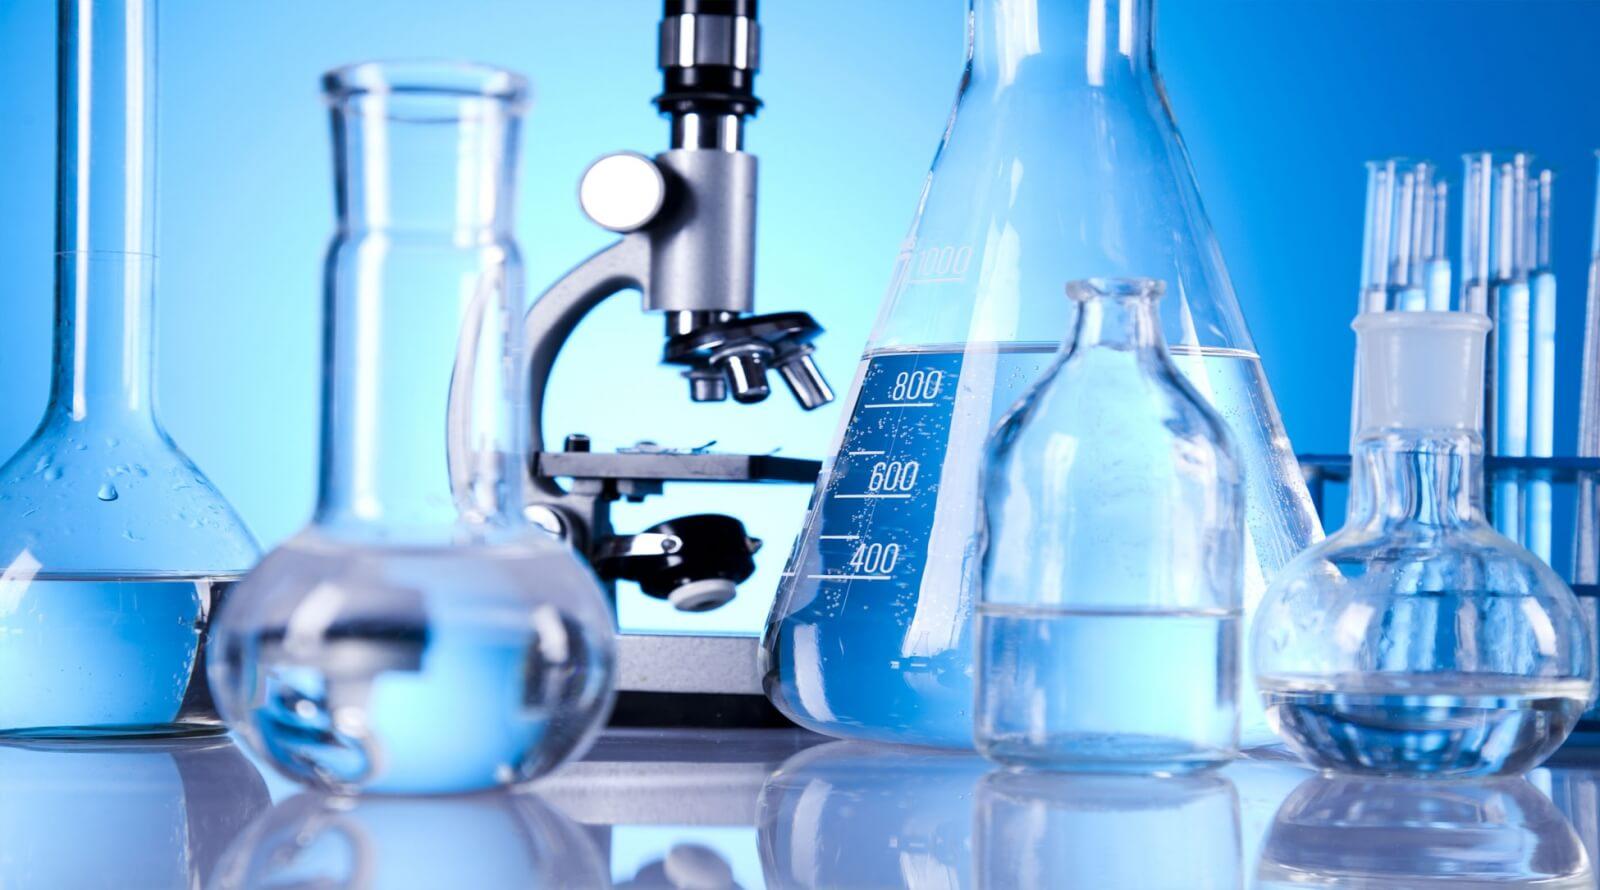 Cách bảo quản dụng cụ phòng thí nghiệm hóa học